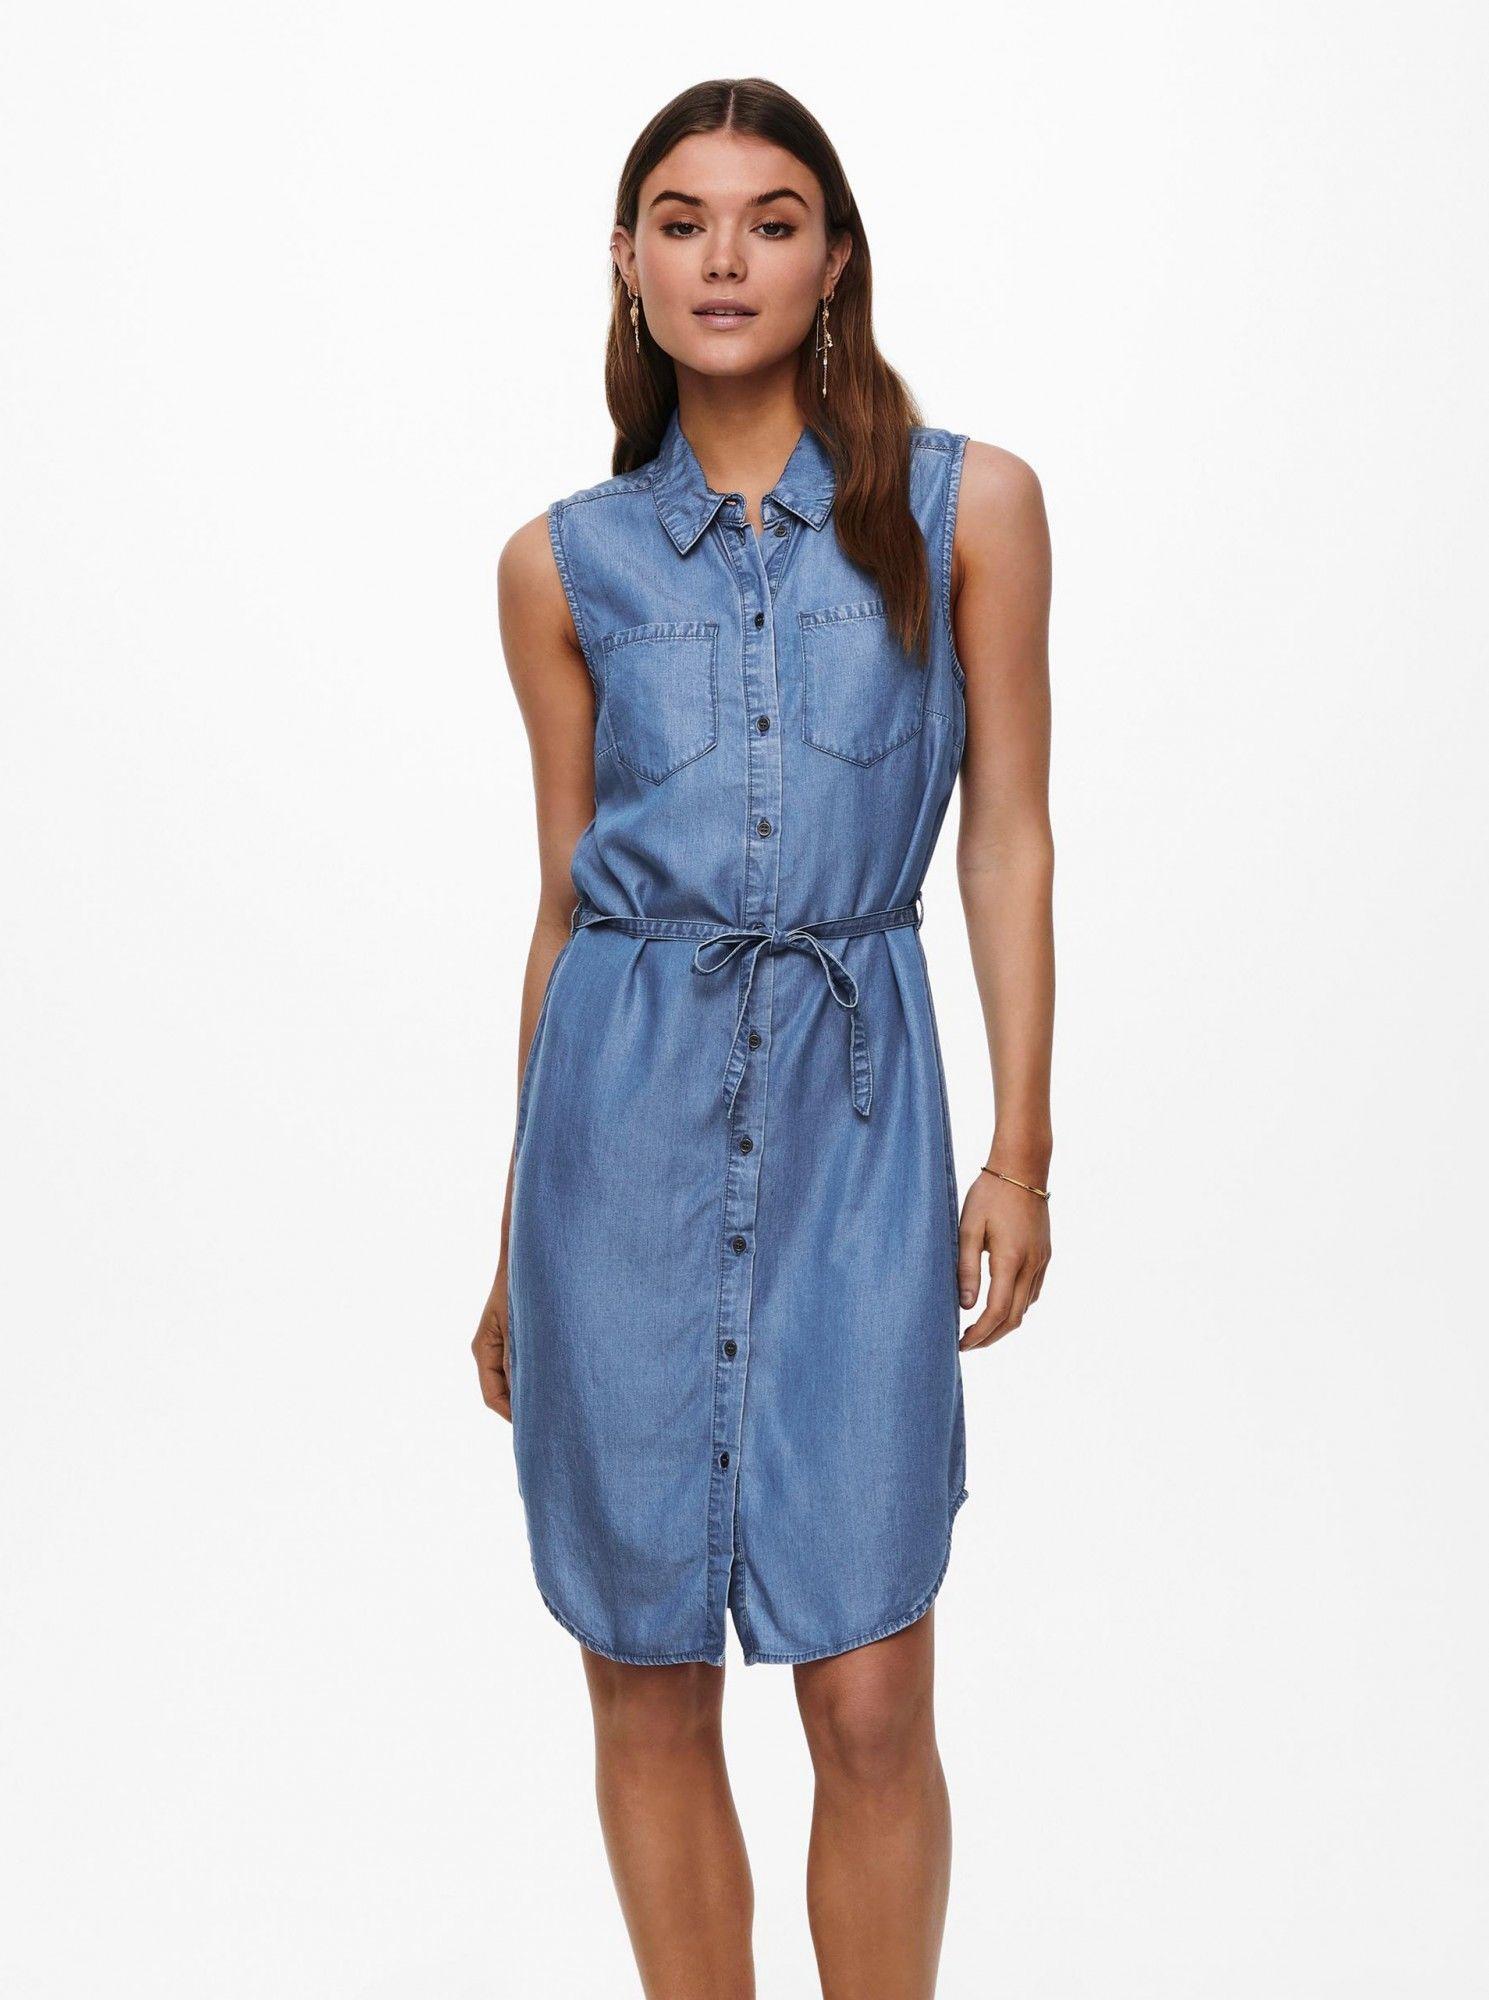 Only niebieski koszulowa dżinsowa sukienka Claire